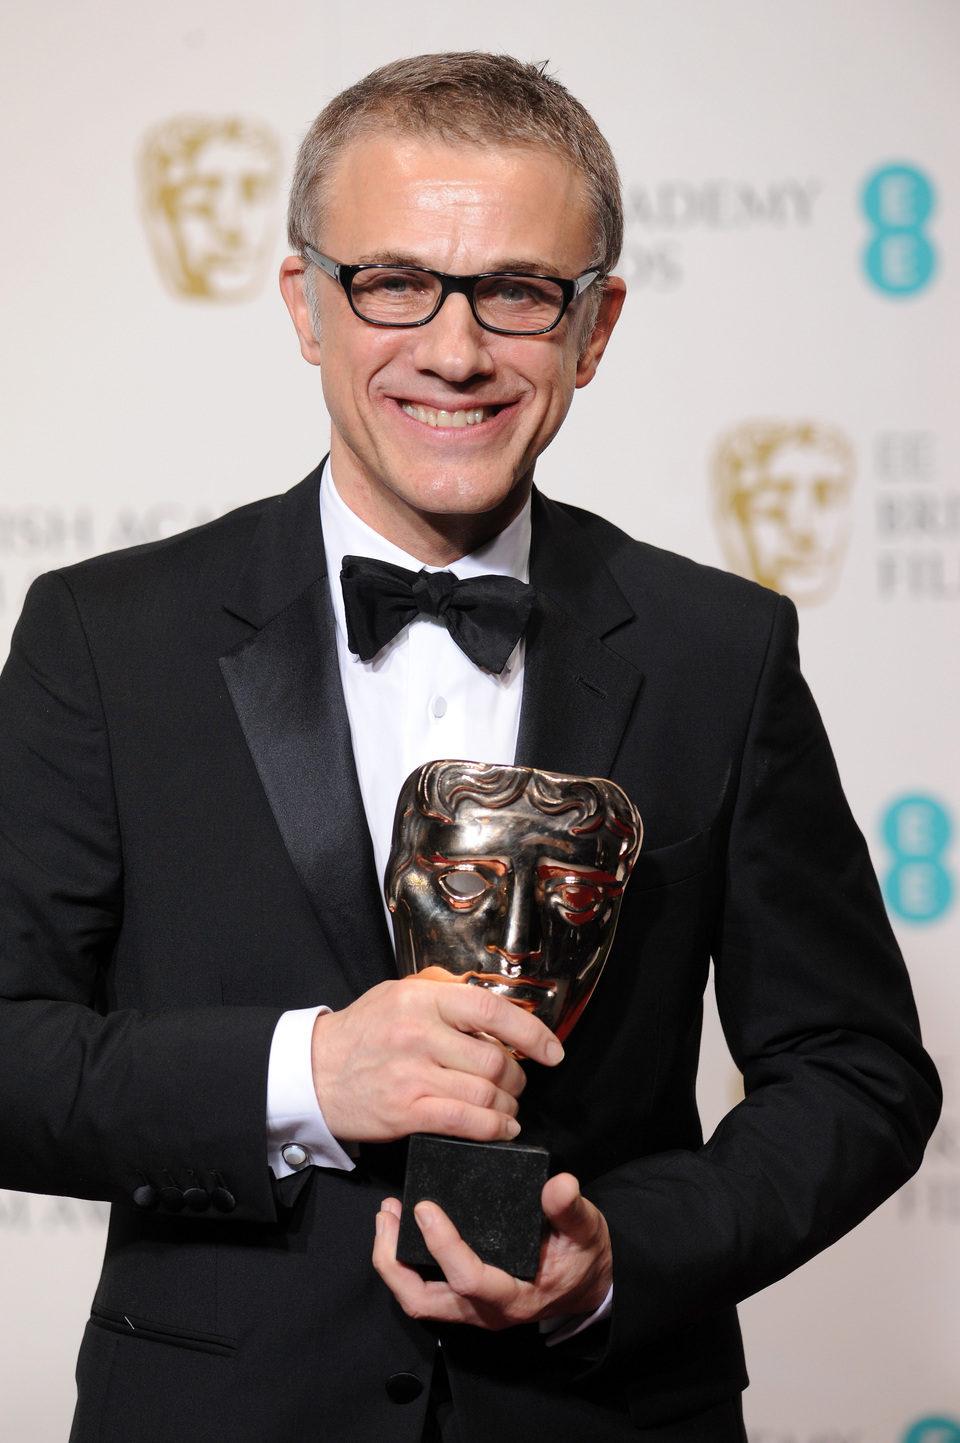 Christoph Waltz ganador del premio al mejor actor secundario en los BAFTA 2013